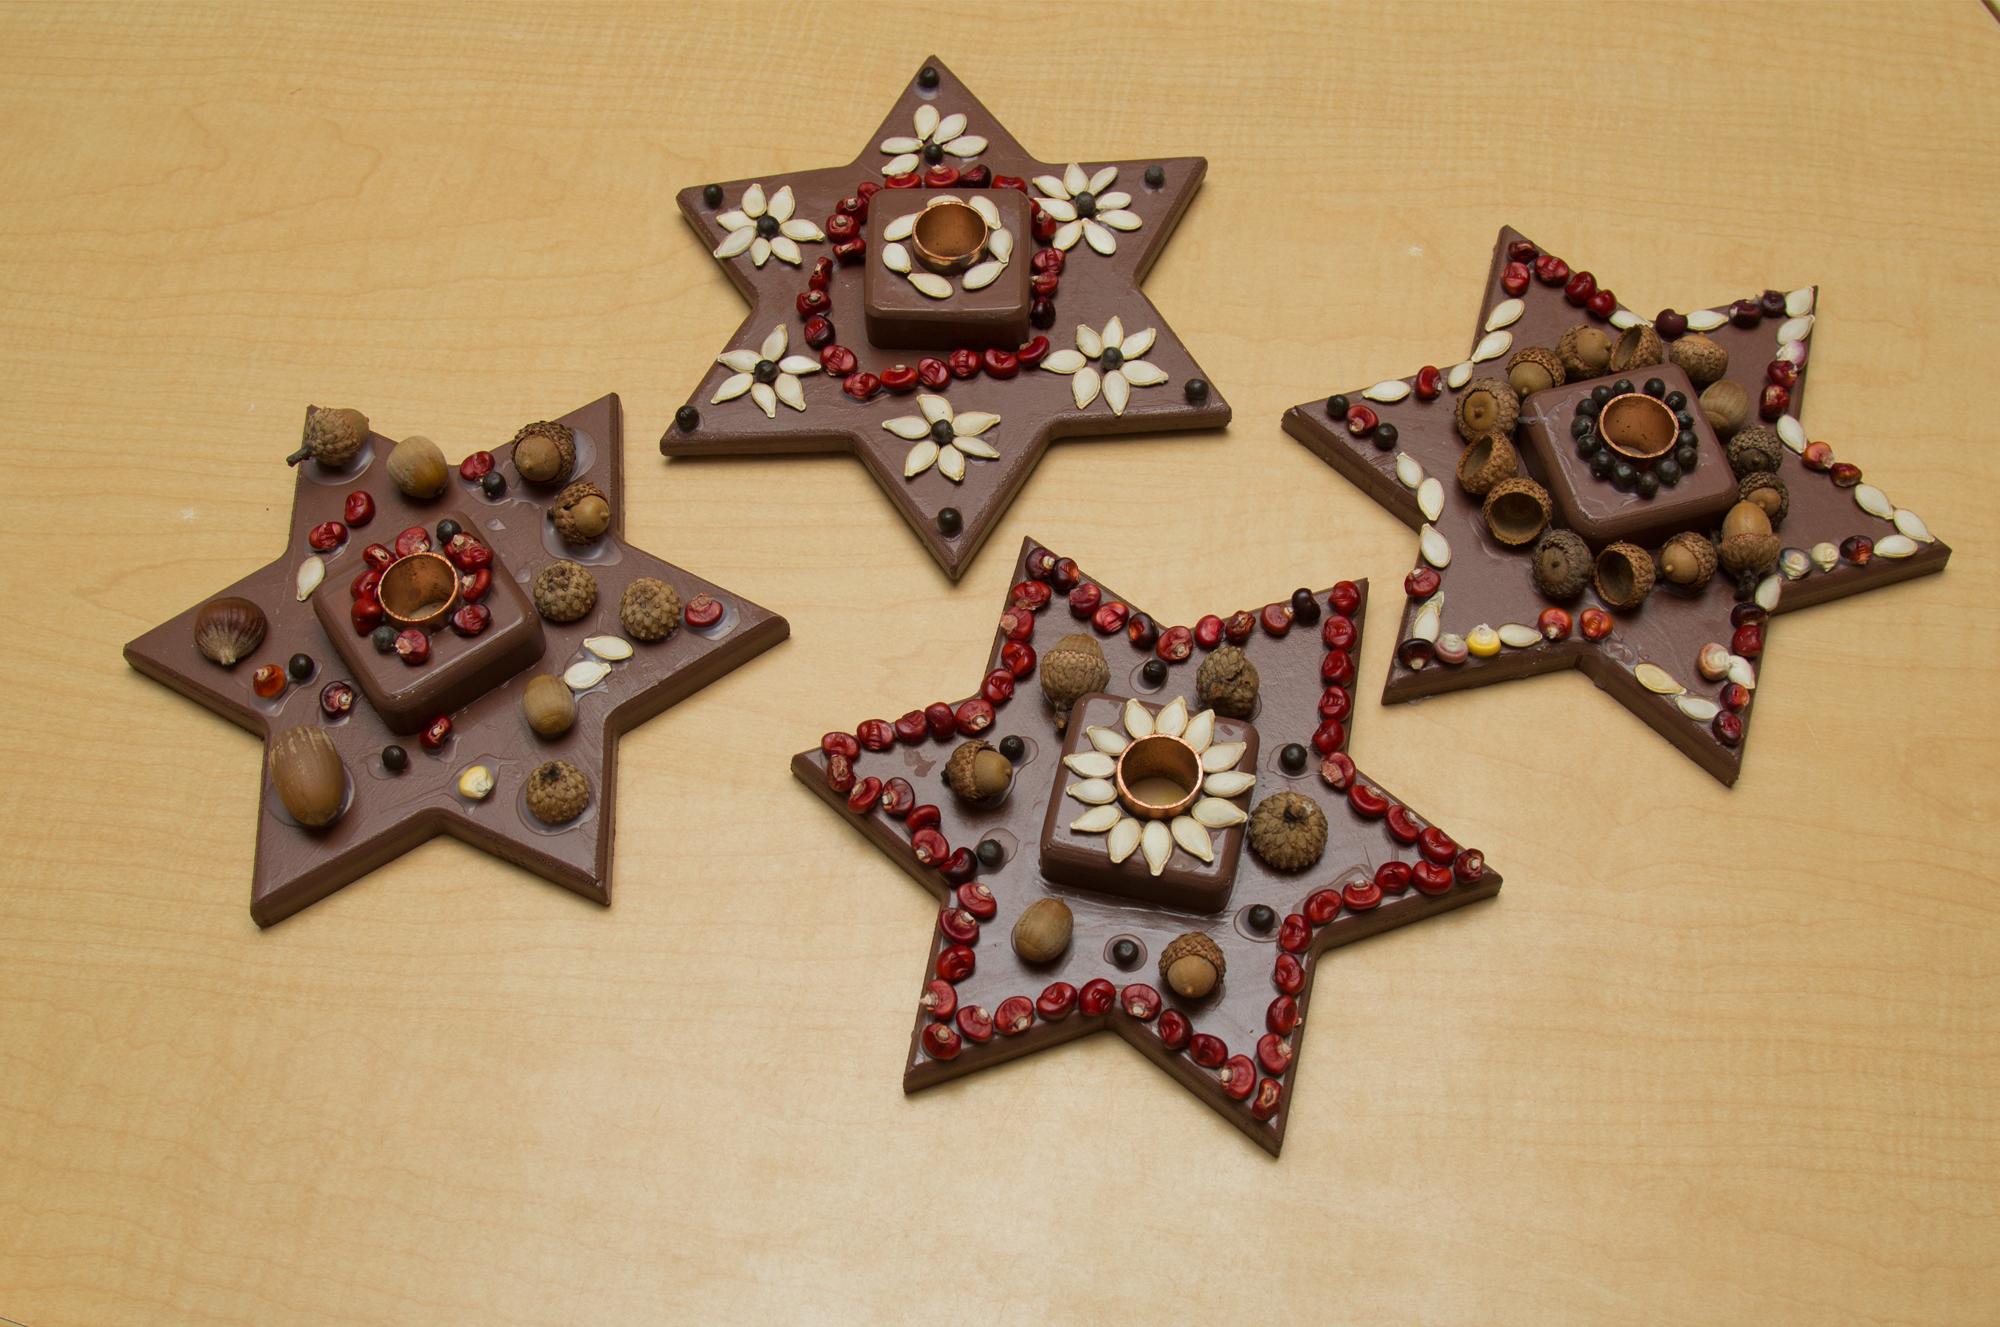 Christmas crafts - Bastelideen weihnachten kinder ...